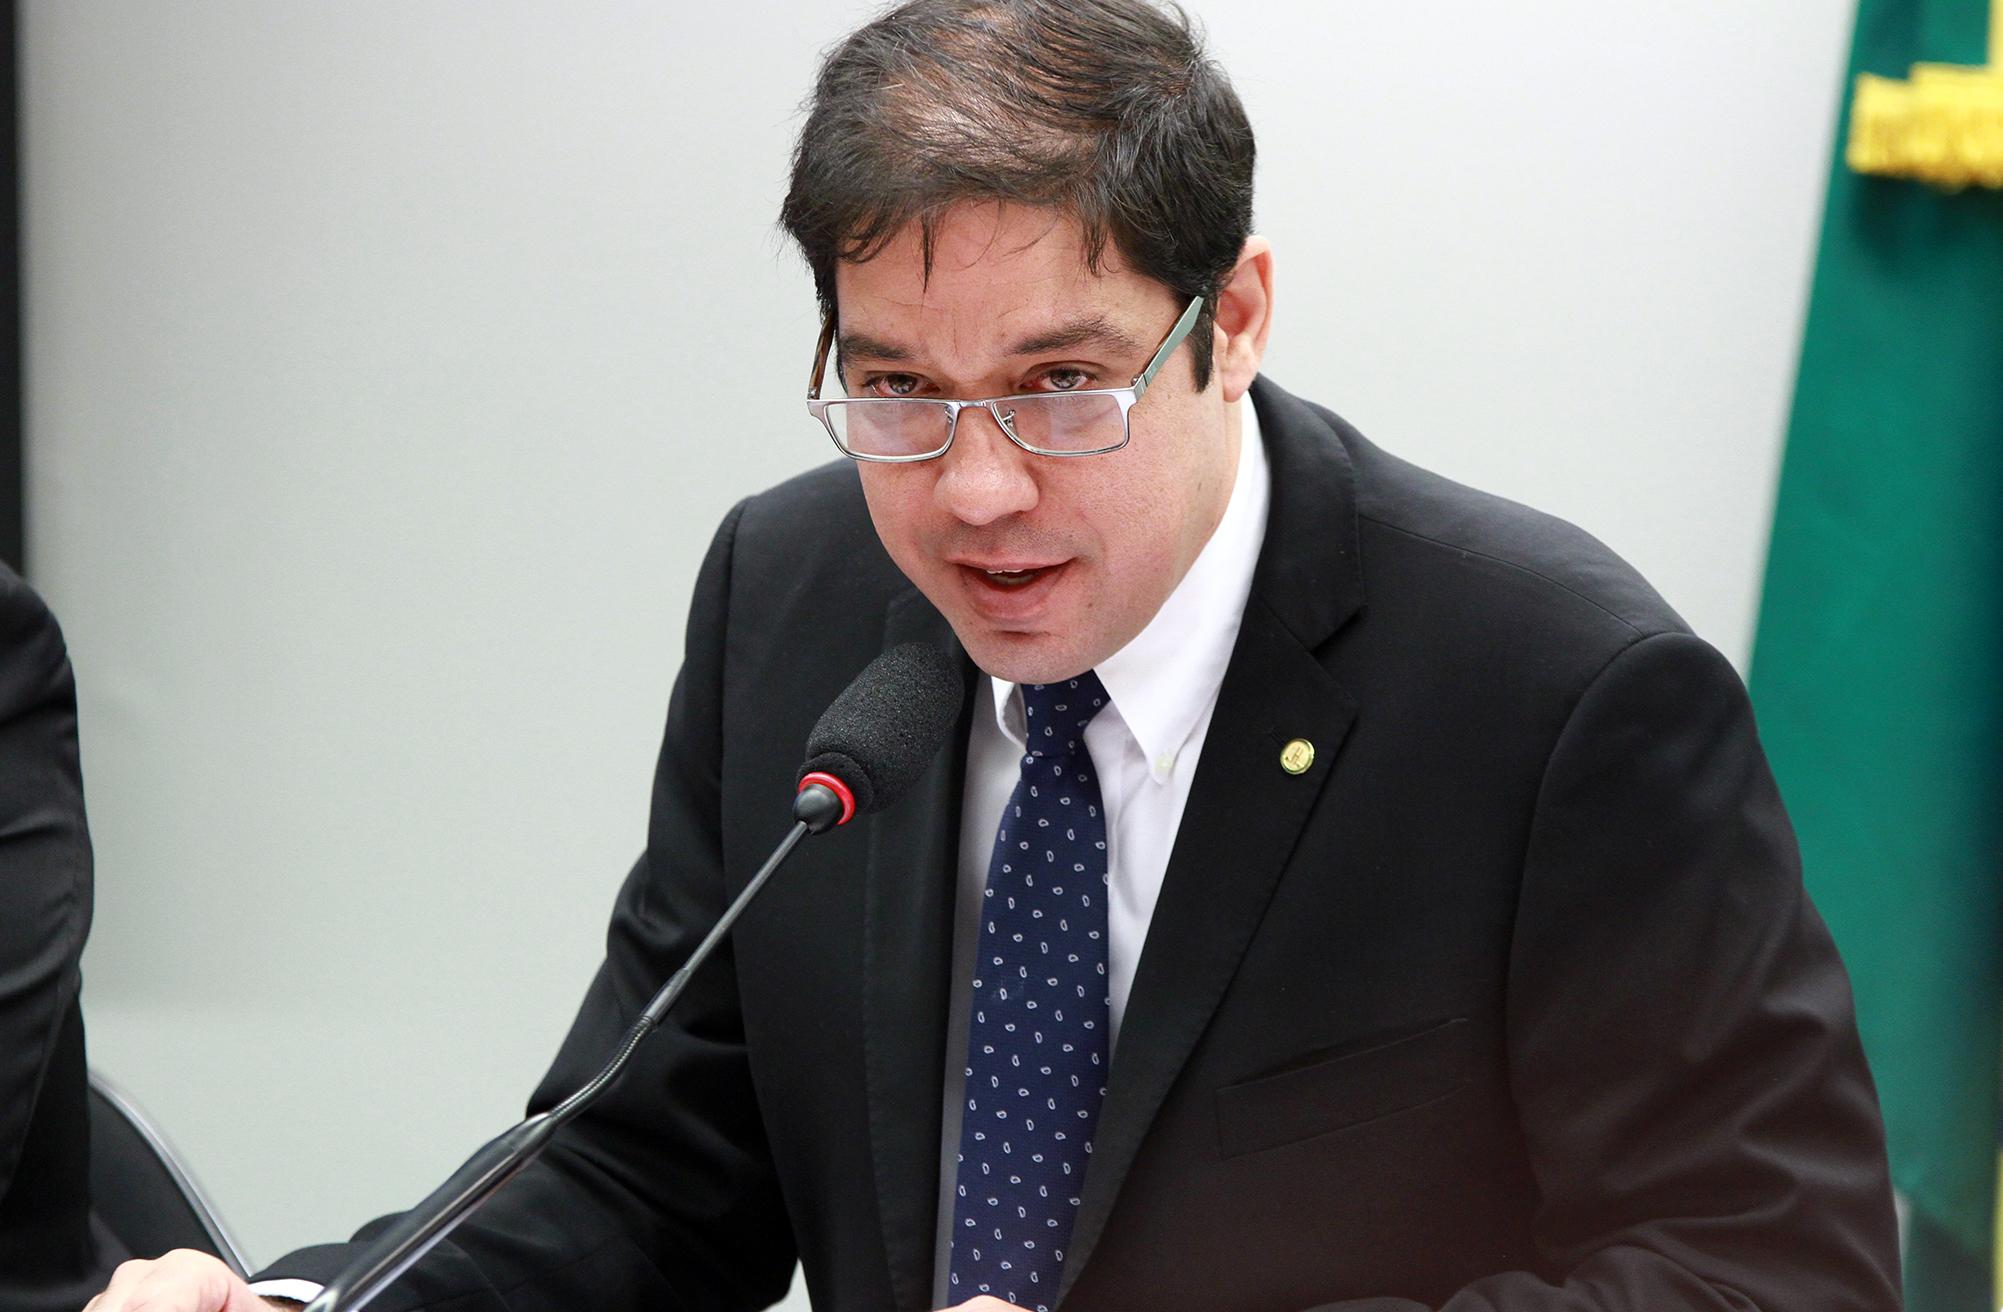 Audiência pública sobre a situação do Programa Federal de Aeroportos Regionais, inserido no Fundo Nacional de Aviação Civil (FNAC). Dep. Altineu Côrtes (PMDB-RJ)